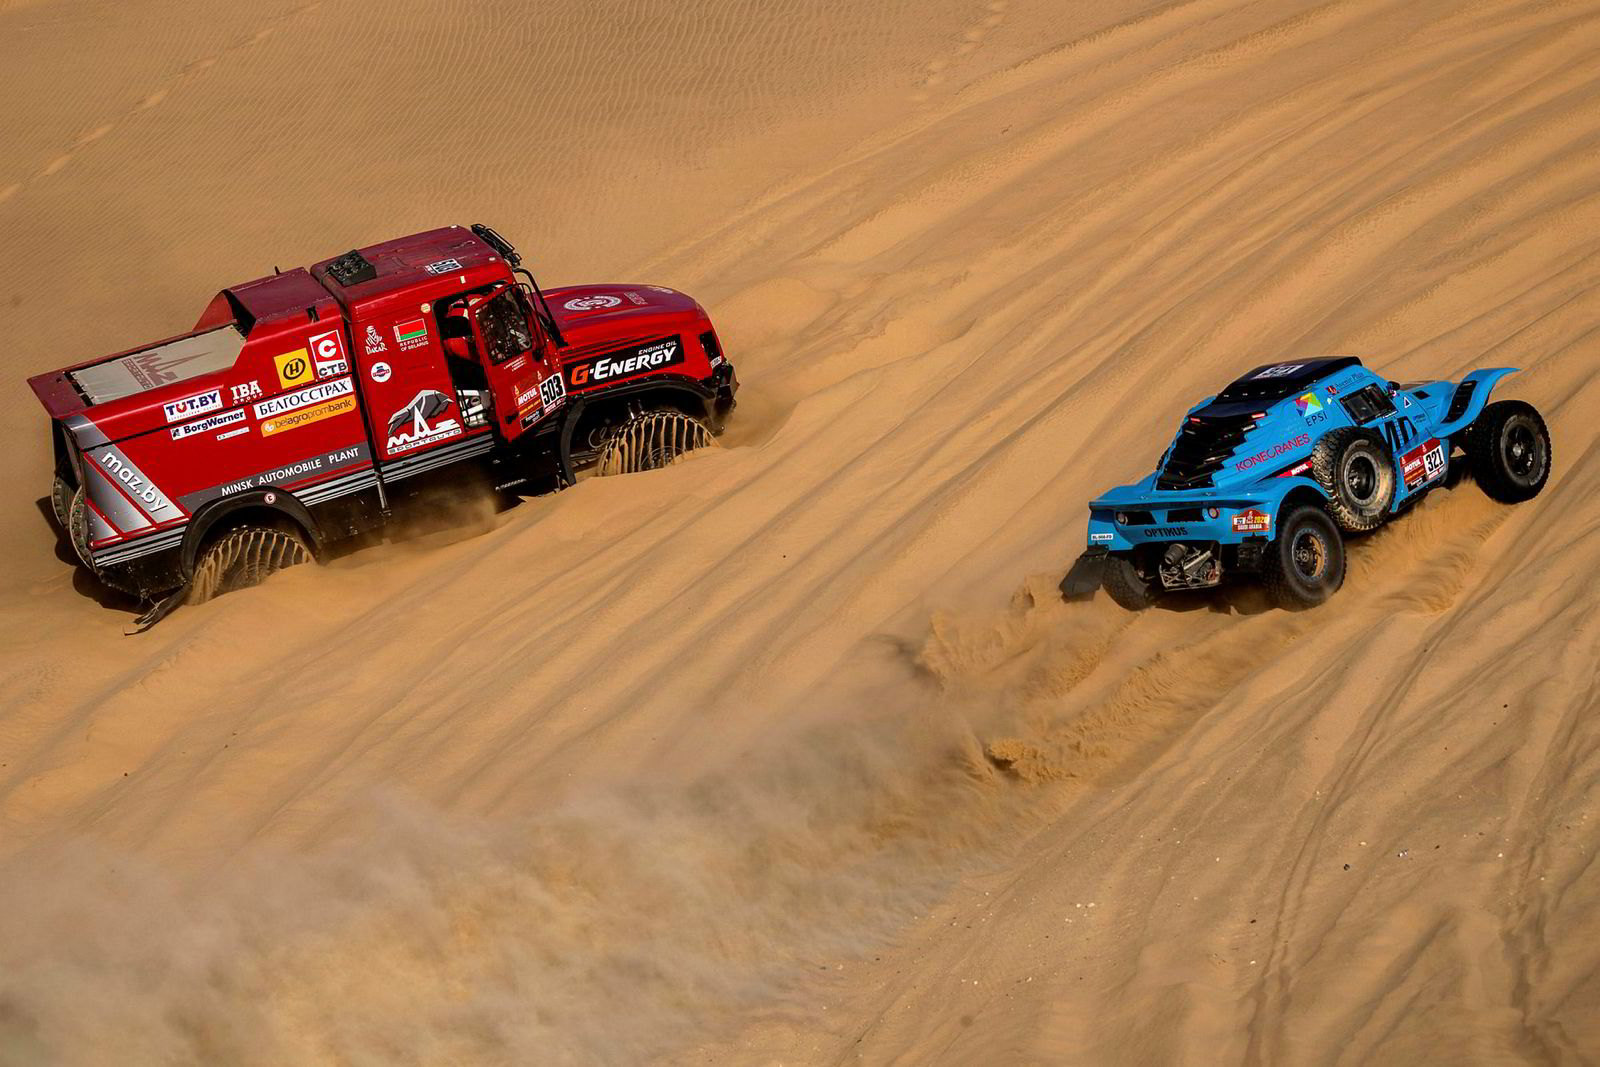 Sjåfør Dominique Housieaux fra Frankrike passerer Siarhei Viazovich fra Hviterussland som har satt seg fast i sanden på den 8.etappen av Rally Dakar.